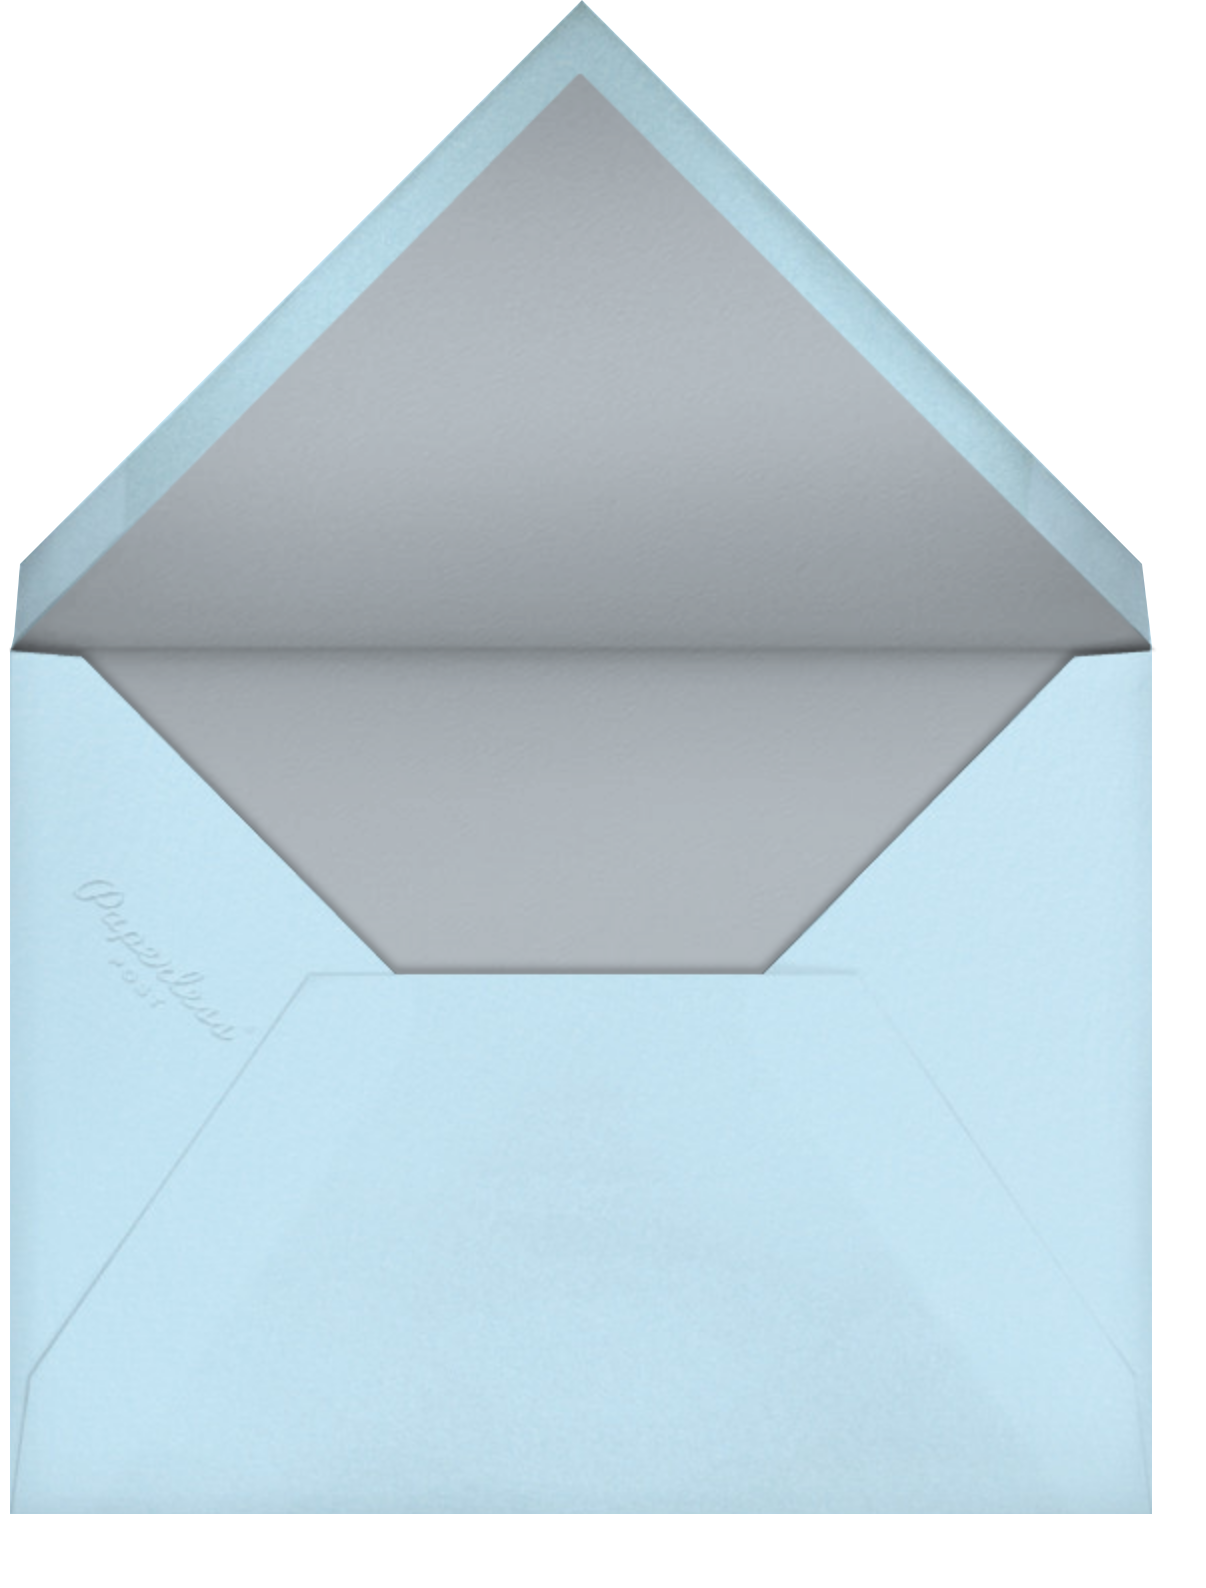 Red Cabin (Becca Stadtlander) - Red Cap Cards - Thank you - envelope back